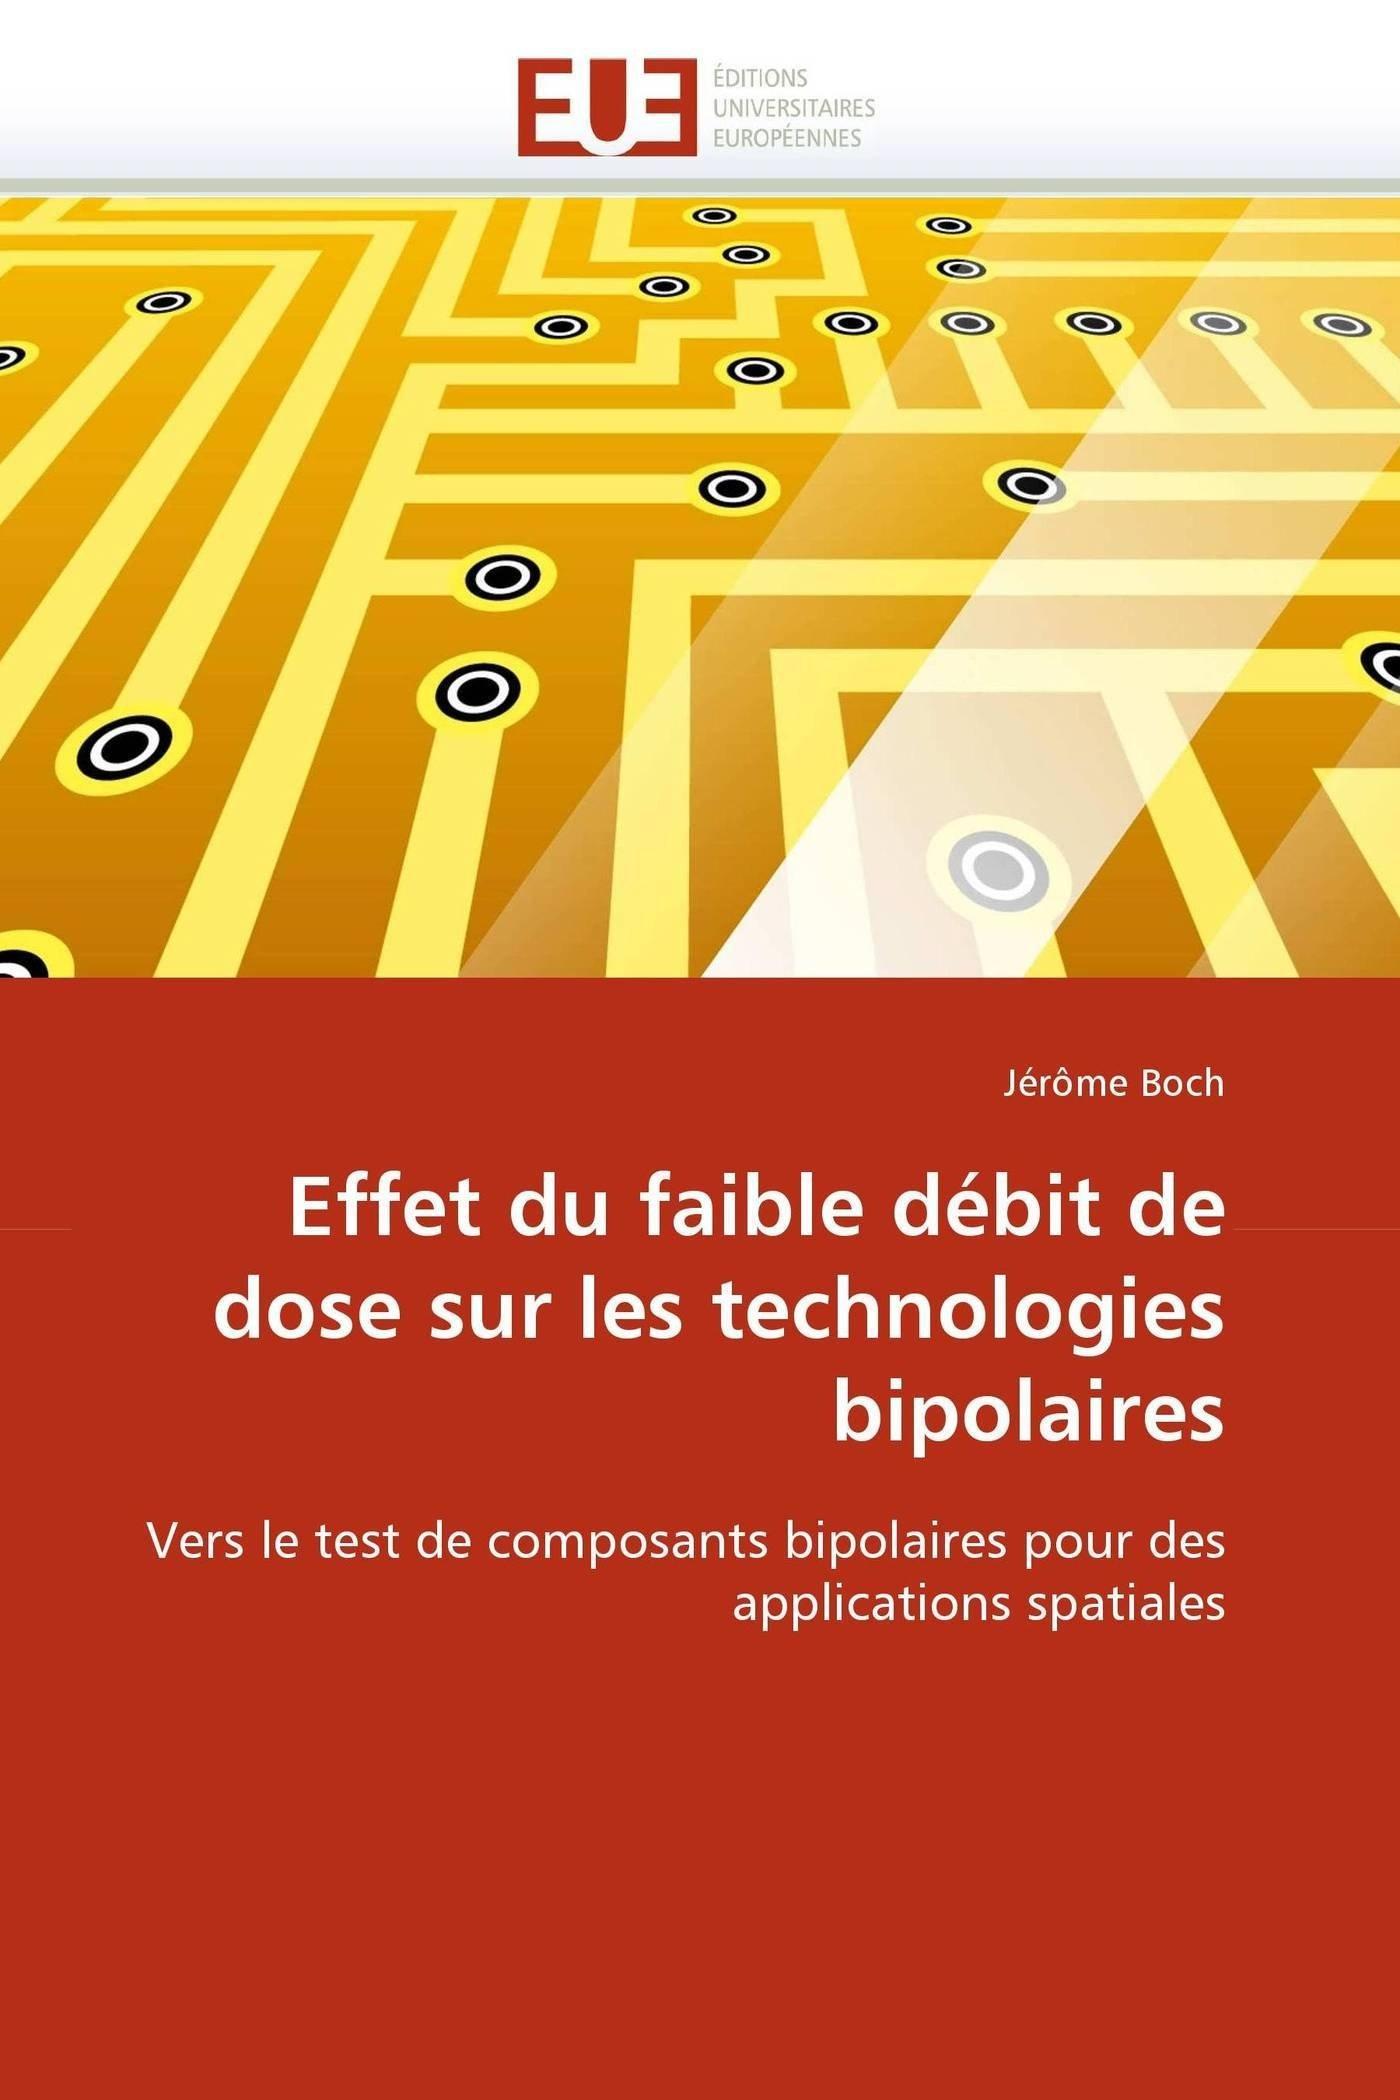 Effet du faible débit de dose sur les technologies bipolaires: Vers le test de composants bipolaires pour des applications spatiales (Omn.Univ.Europ.) (French Edition) PDF